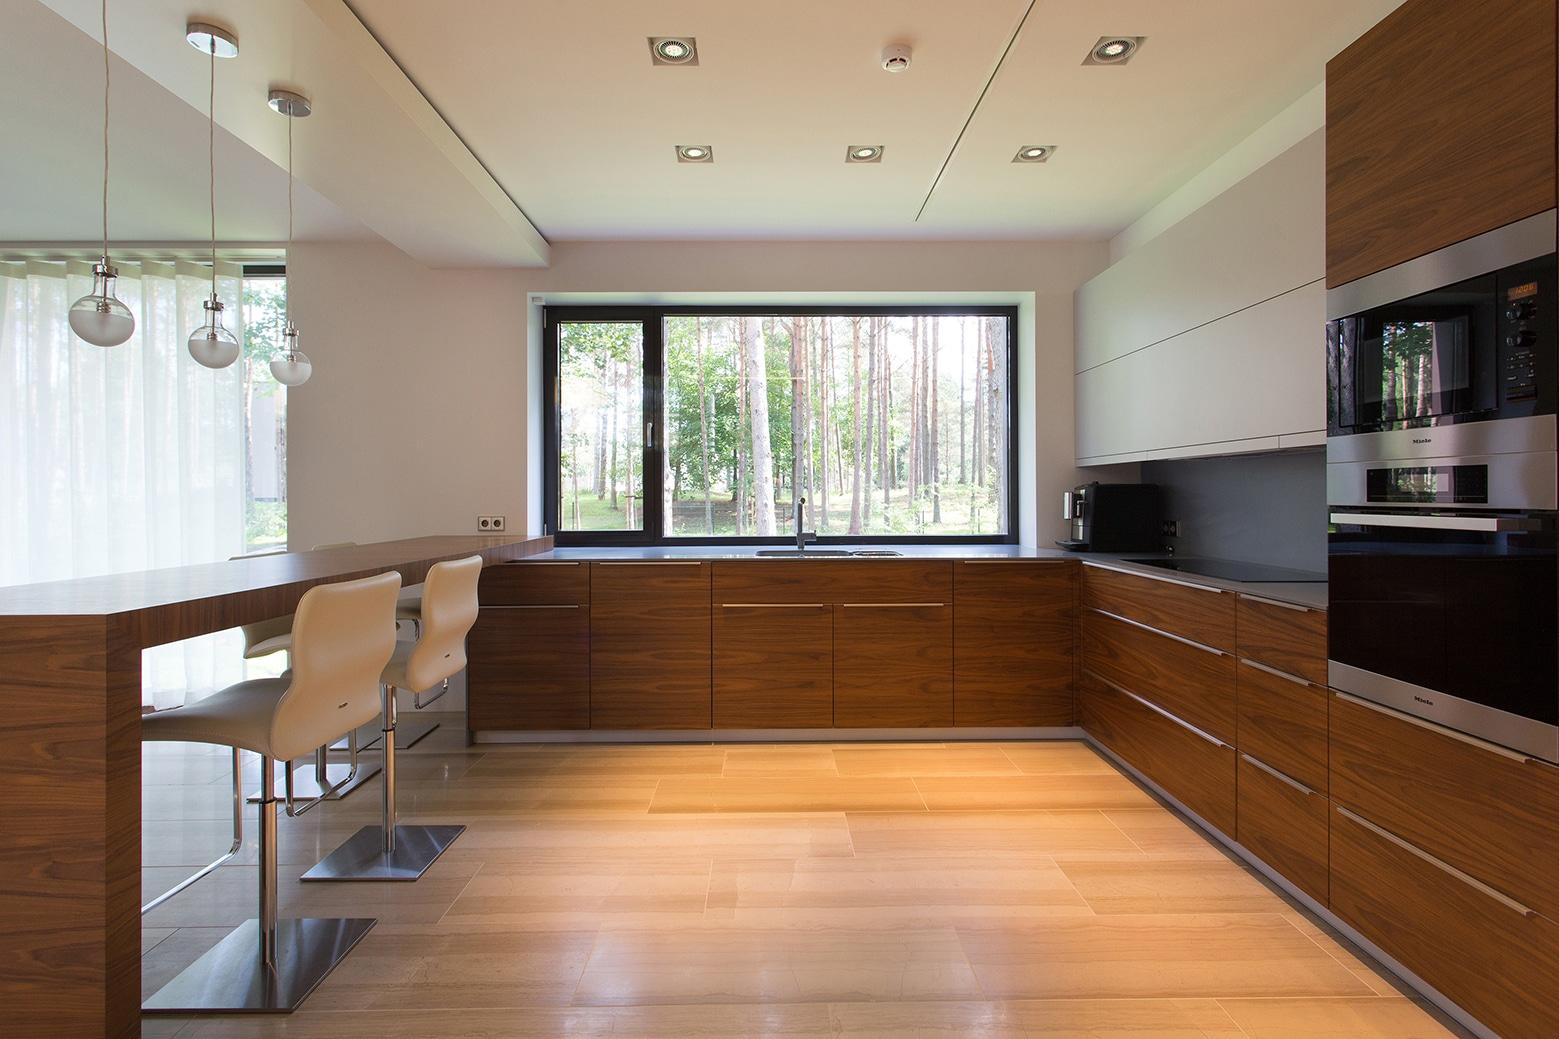 Dise o de cocina amplia y moderna construye hogar - Construye hogar ...